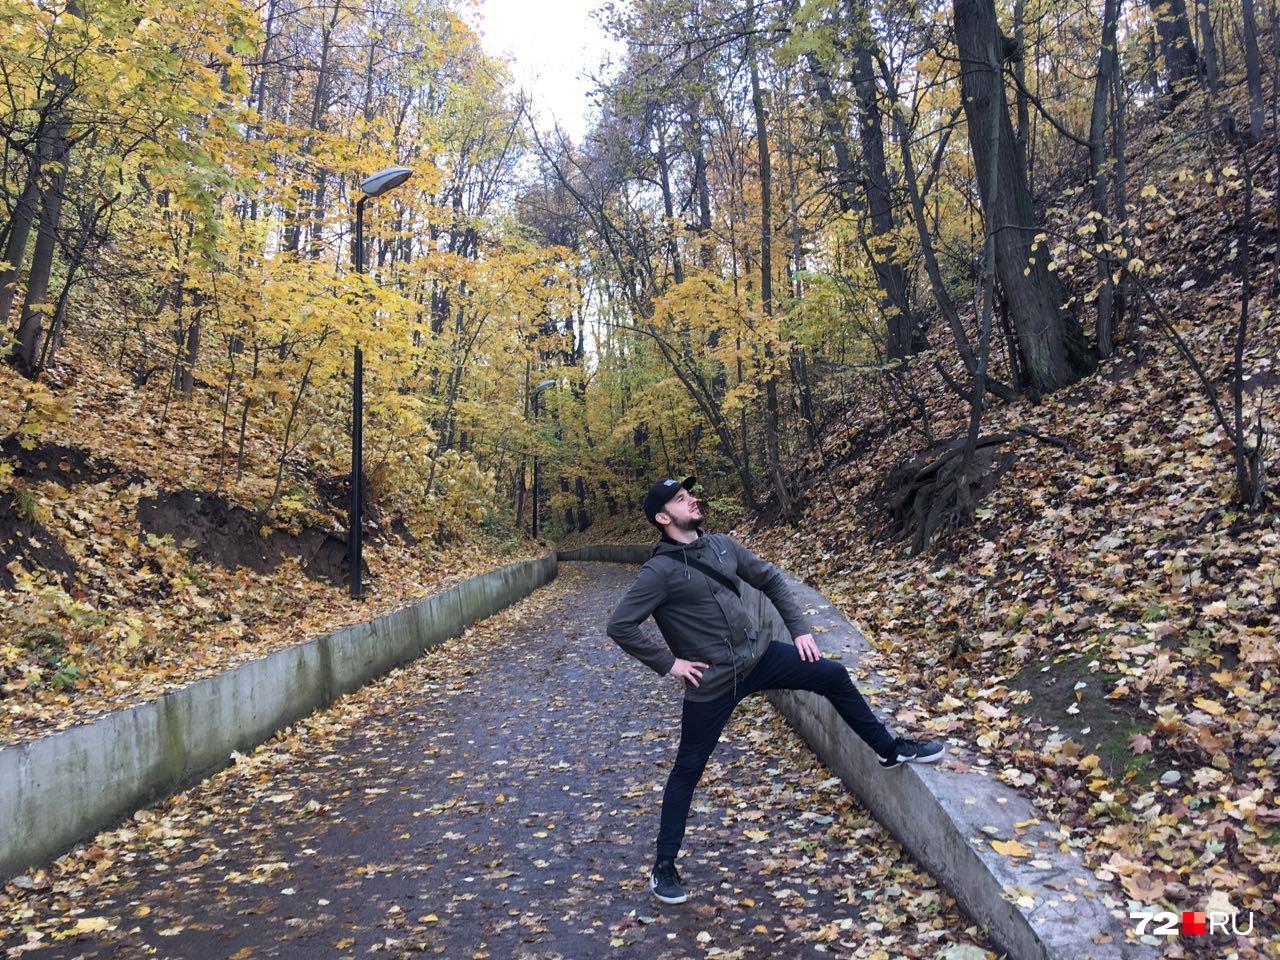 В парке Горького растет много кленовых деревьев